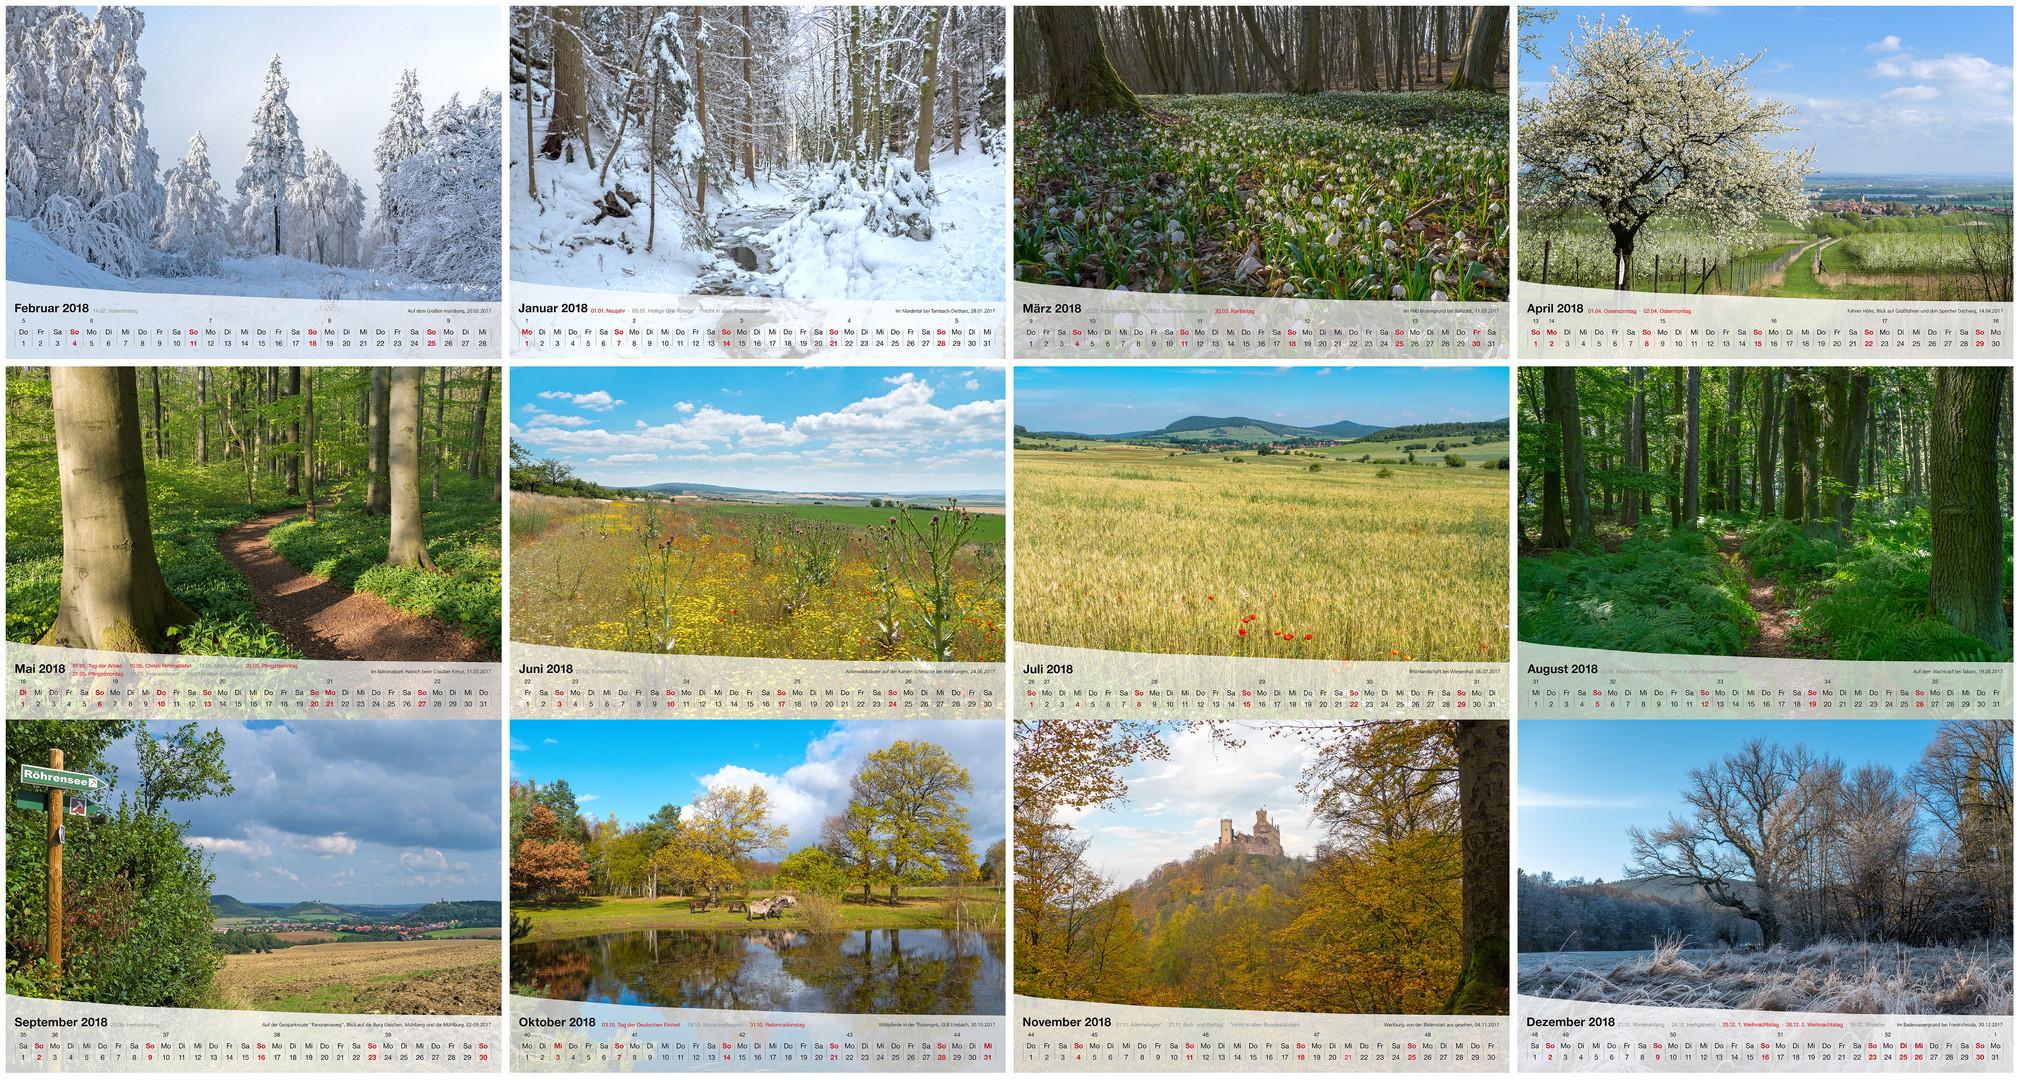 Kalender Thüringer Landschaften 2018 - 12 Monate